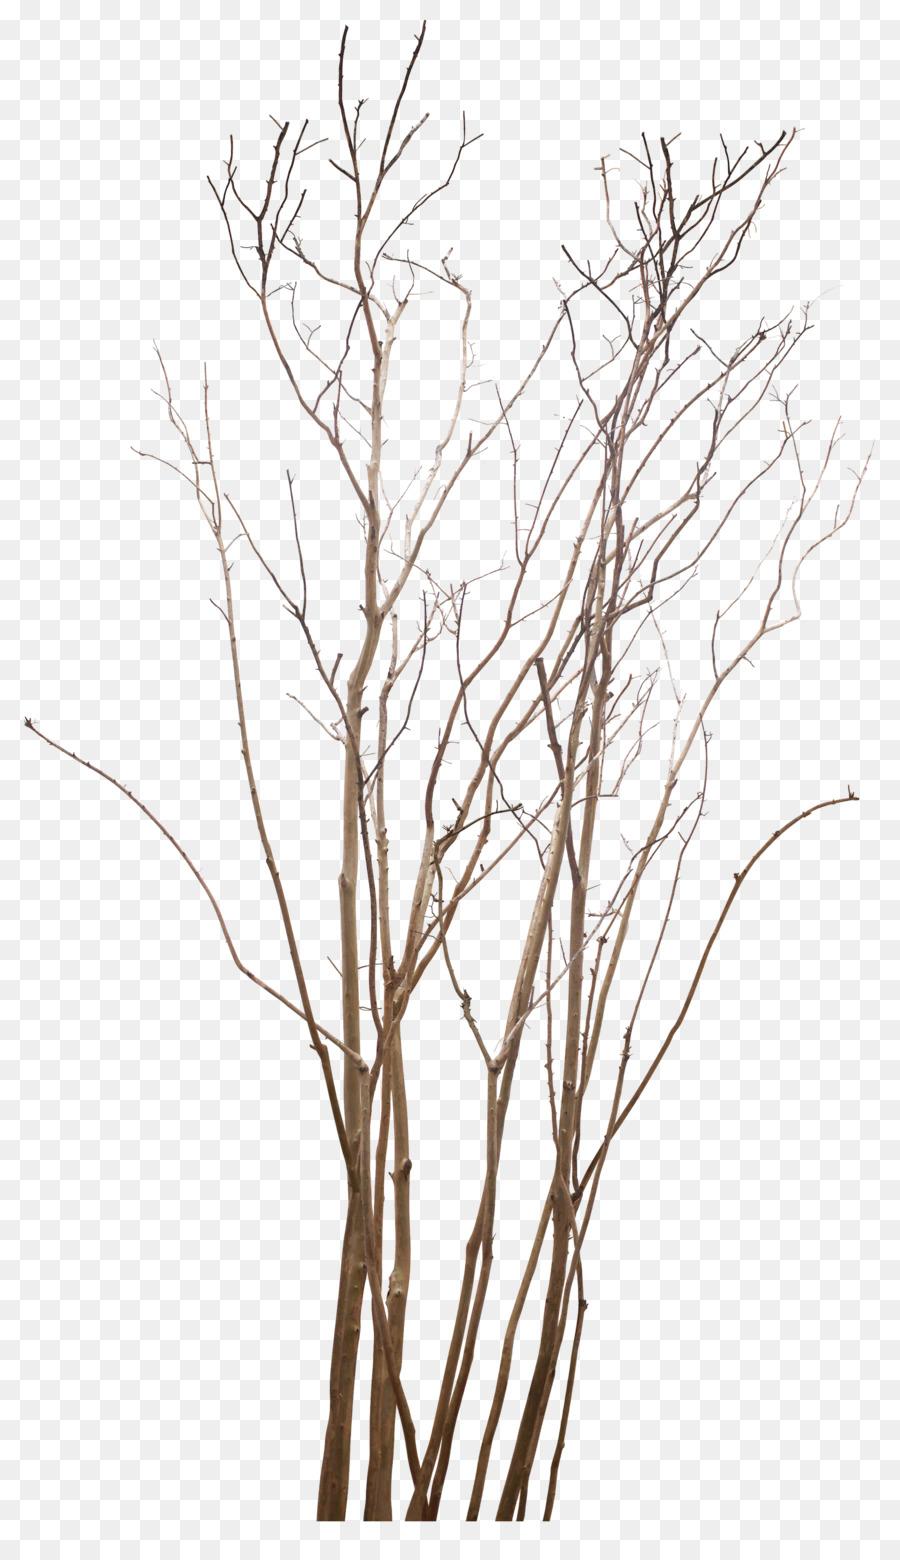 Ranting, Pohon, Gambar gambar png.